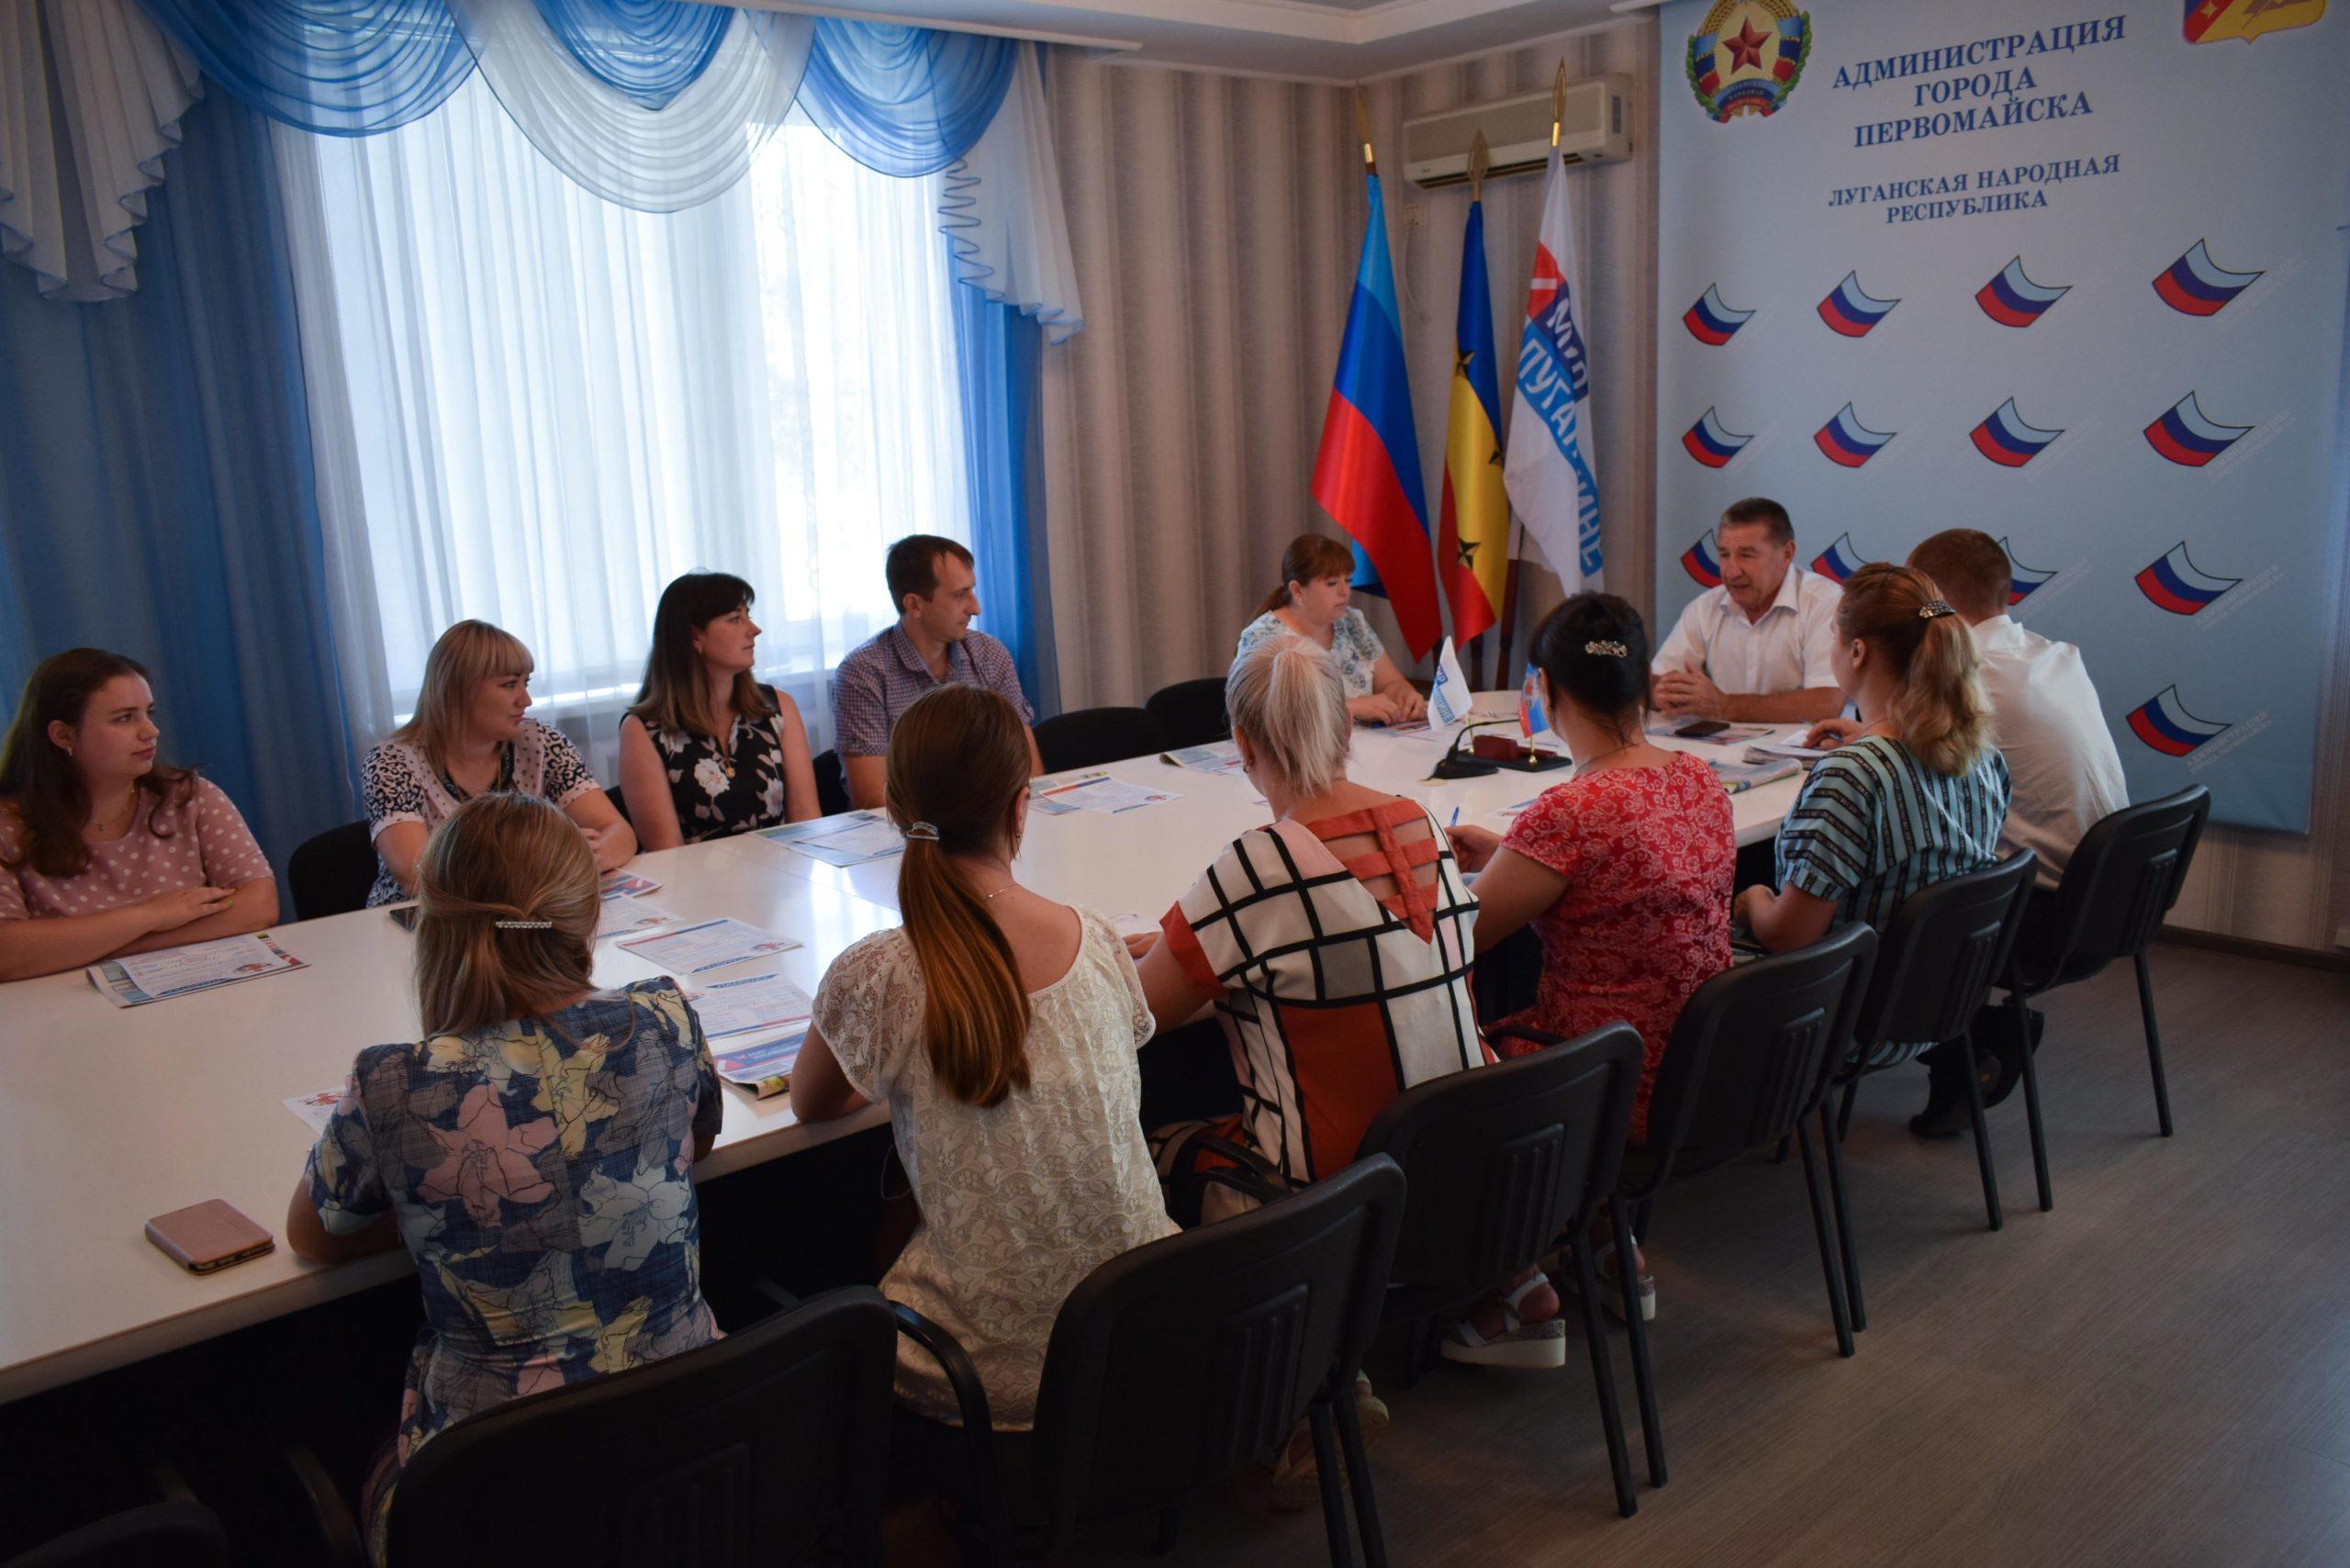 Встреча активистов состоялась в Первомайске